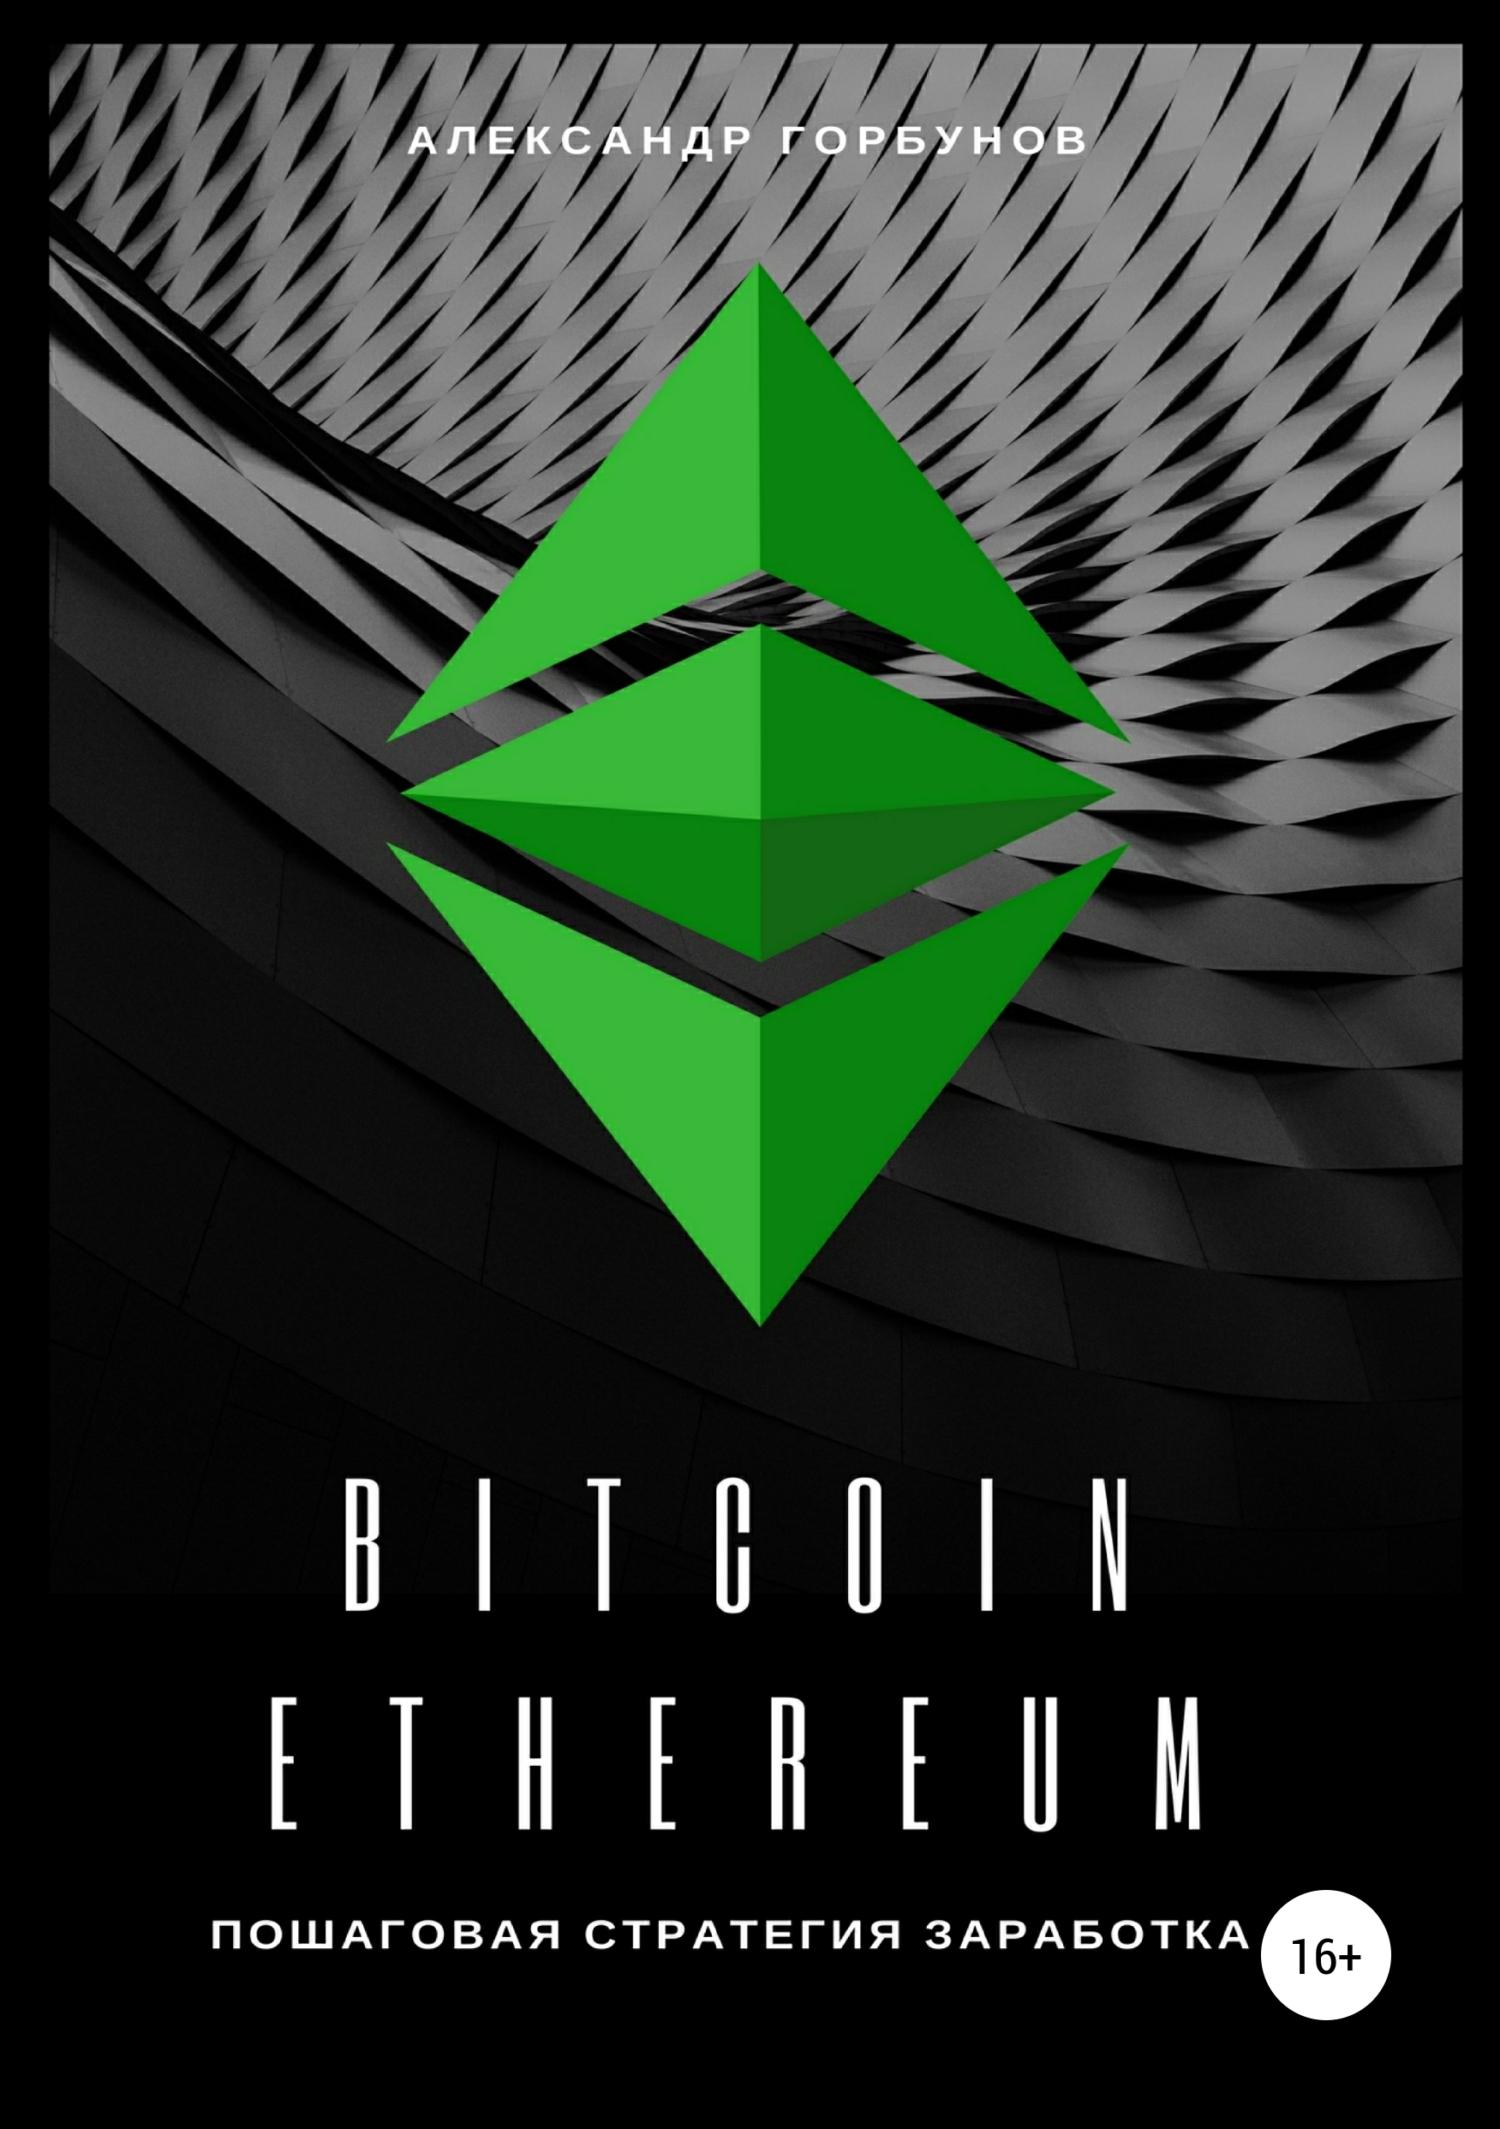 Александр Горбунов Bitcoin, Ethereum: пошаговая стратегия для заработка